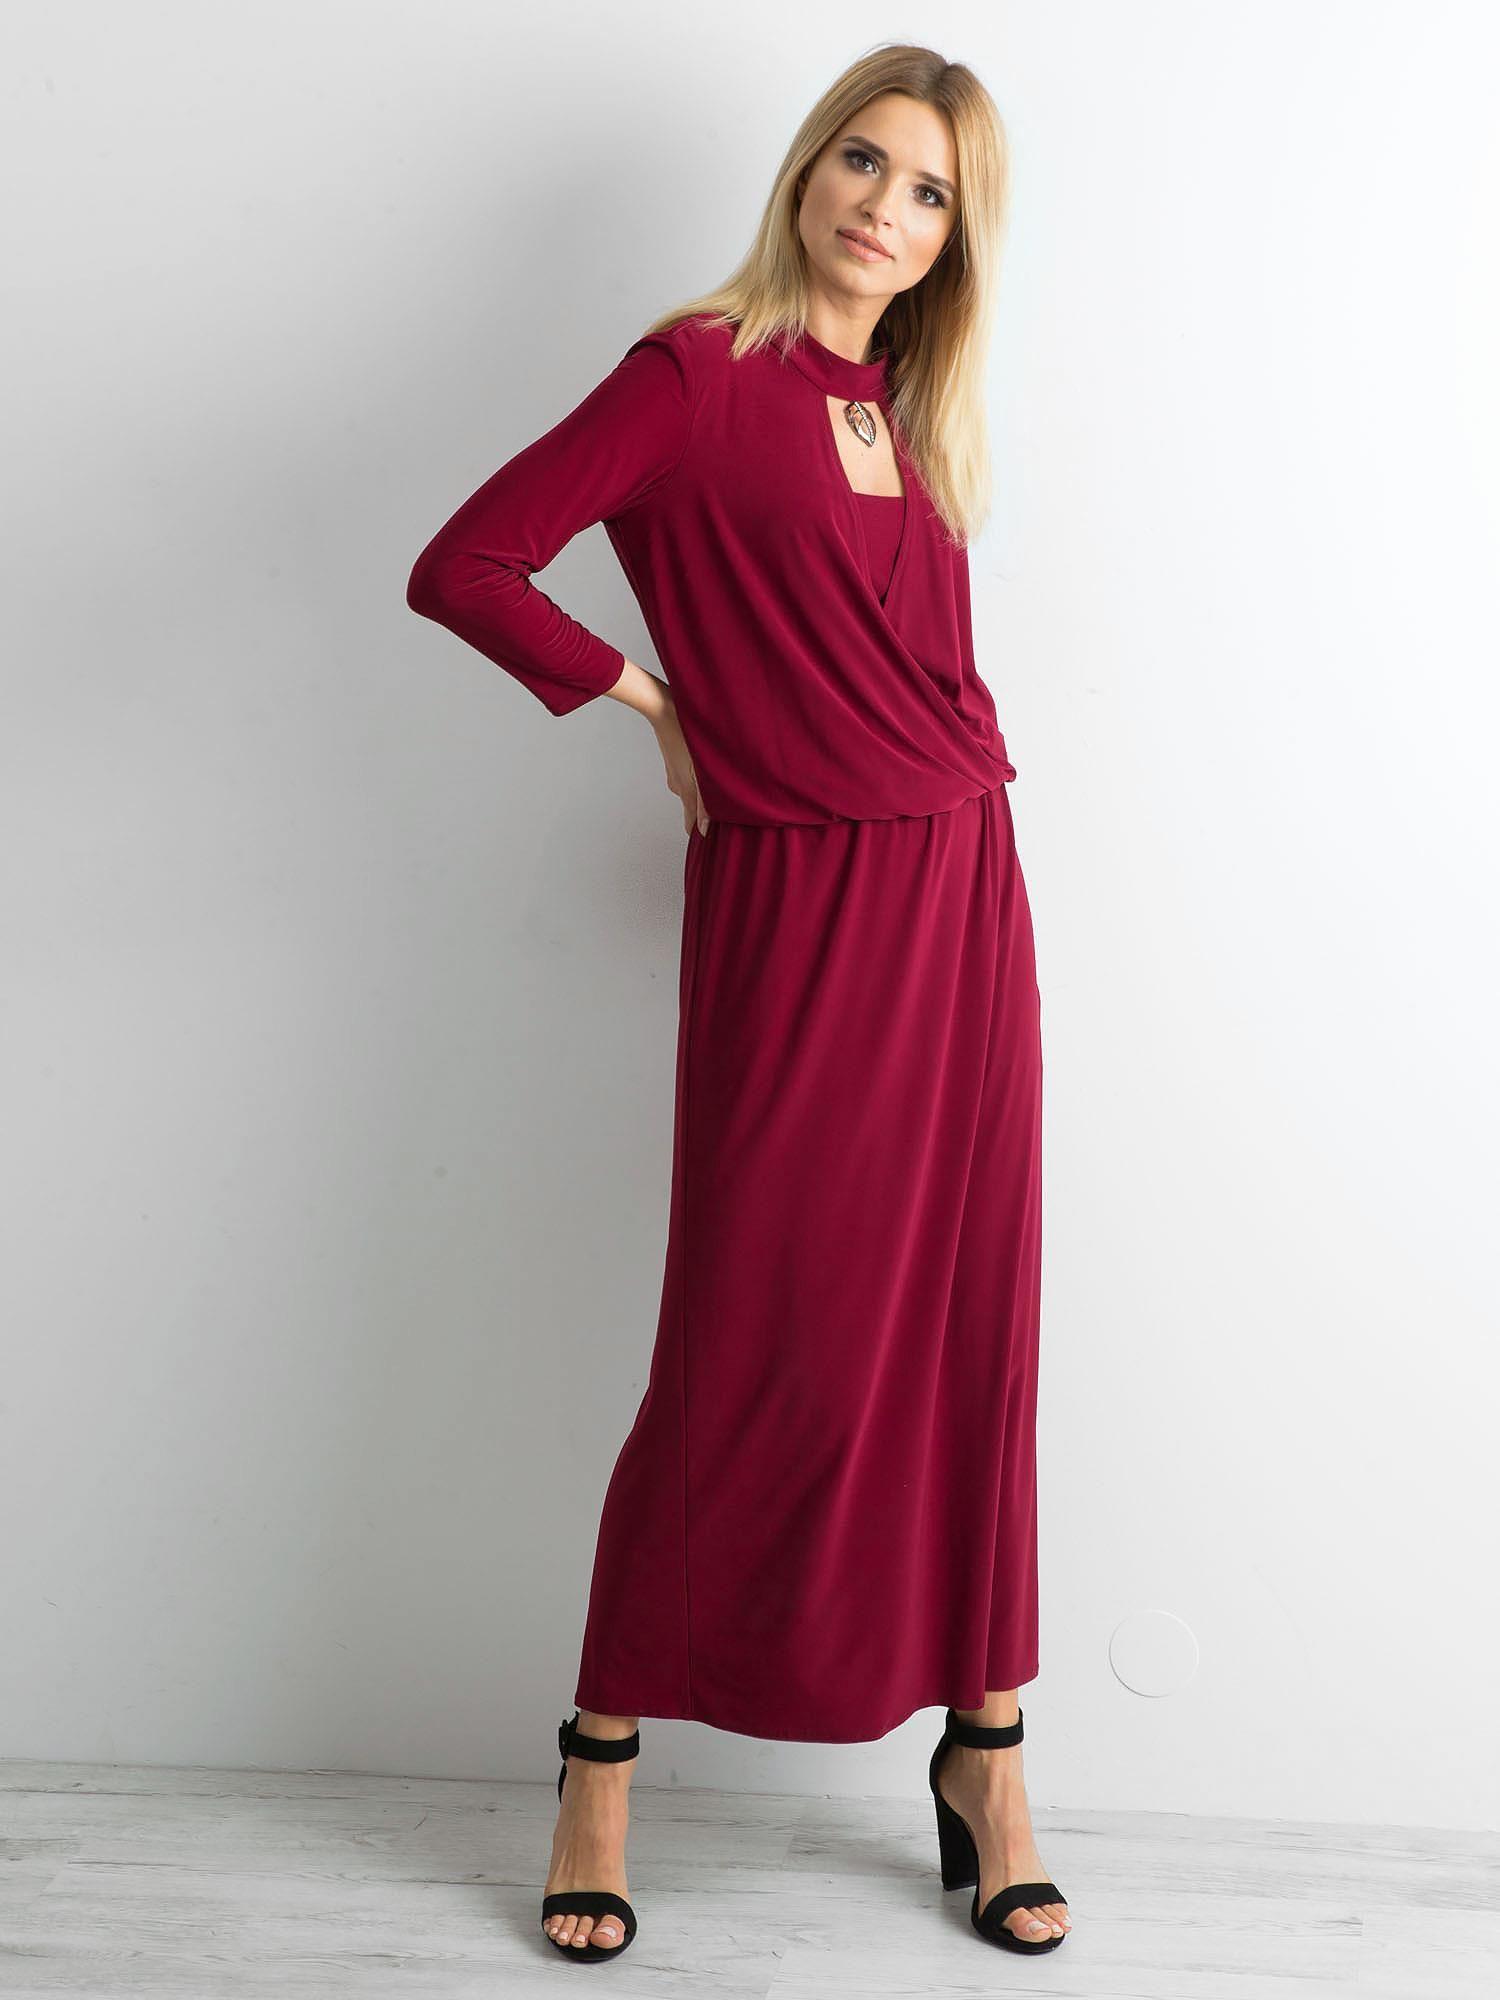 c8641517 Bordowa sukienka maxi z wycięciem